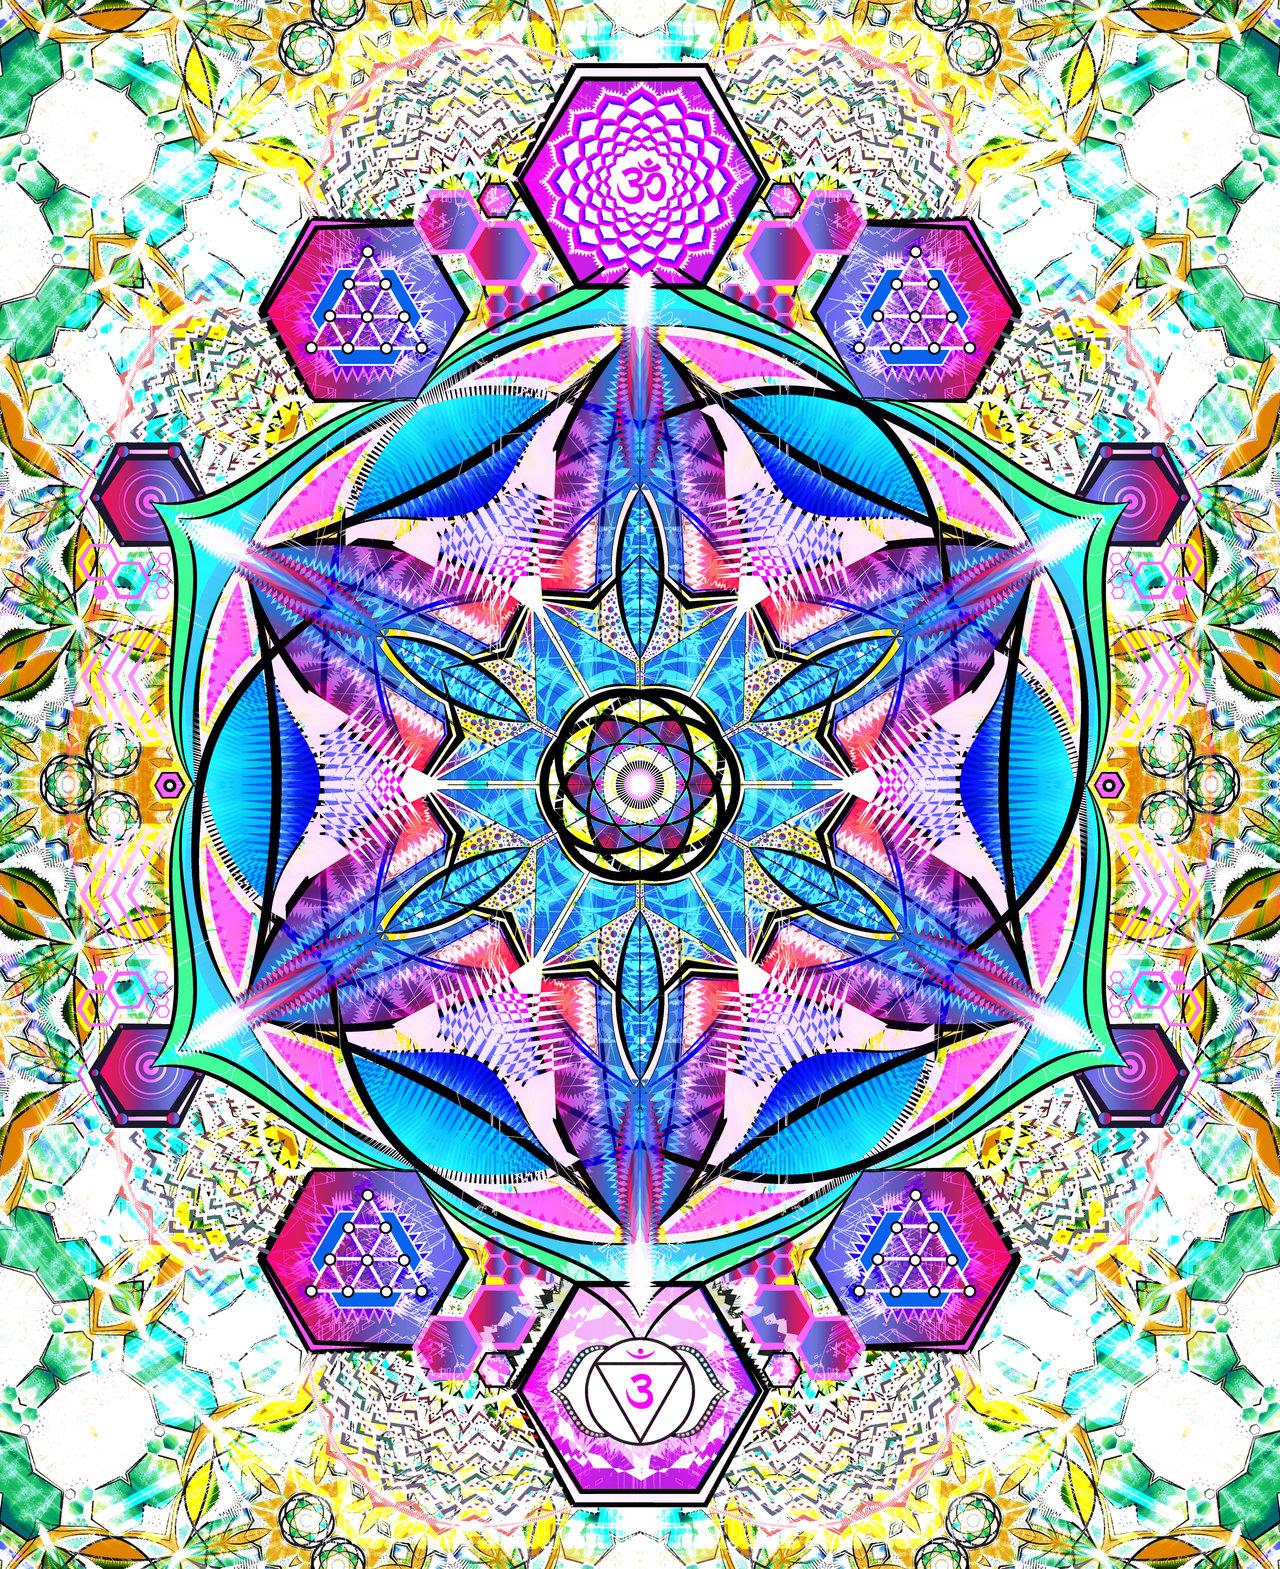 Mandala Wallpaper Iphone Top HD Images For 1280x1569